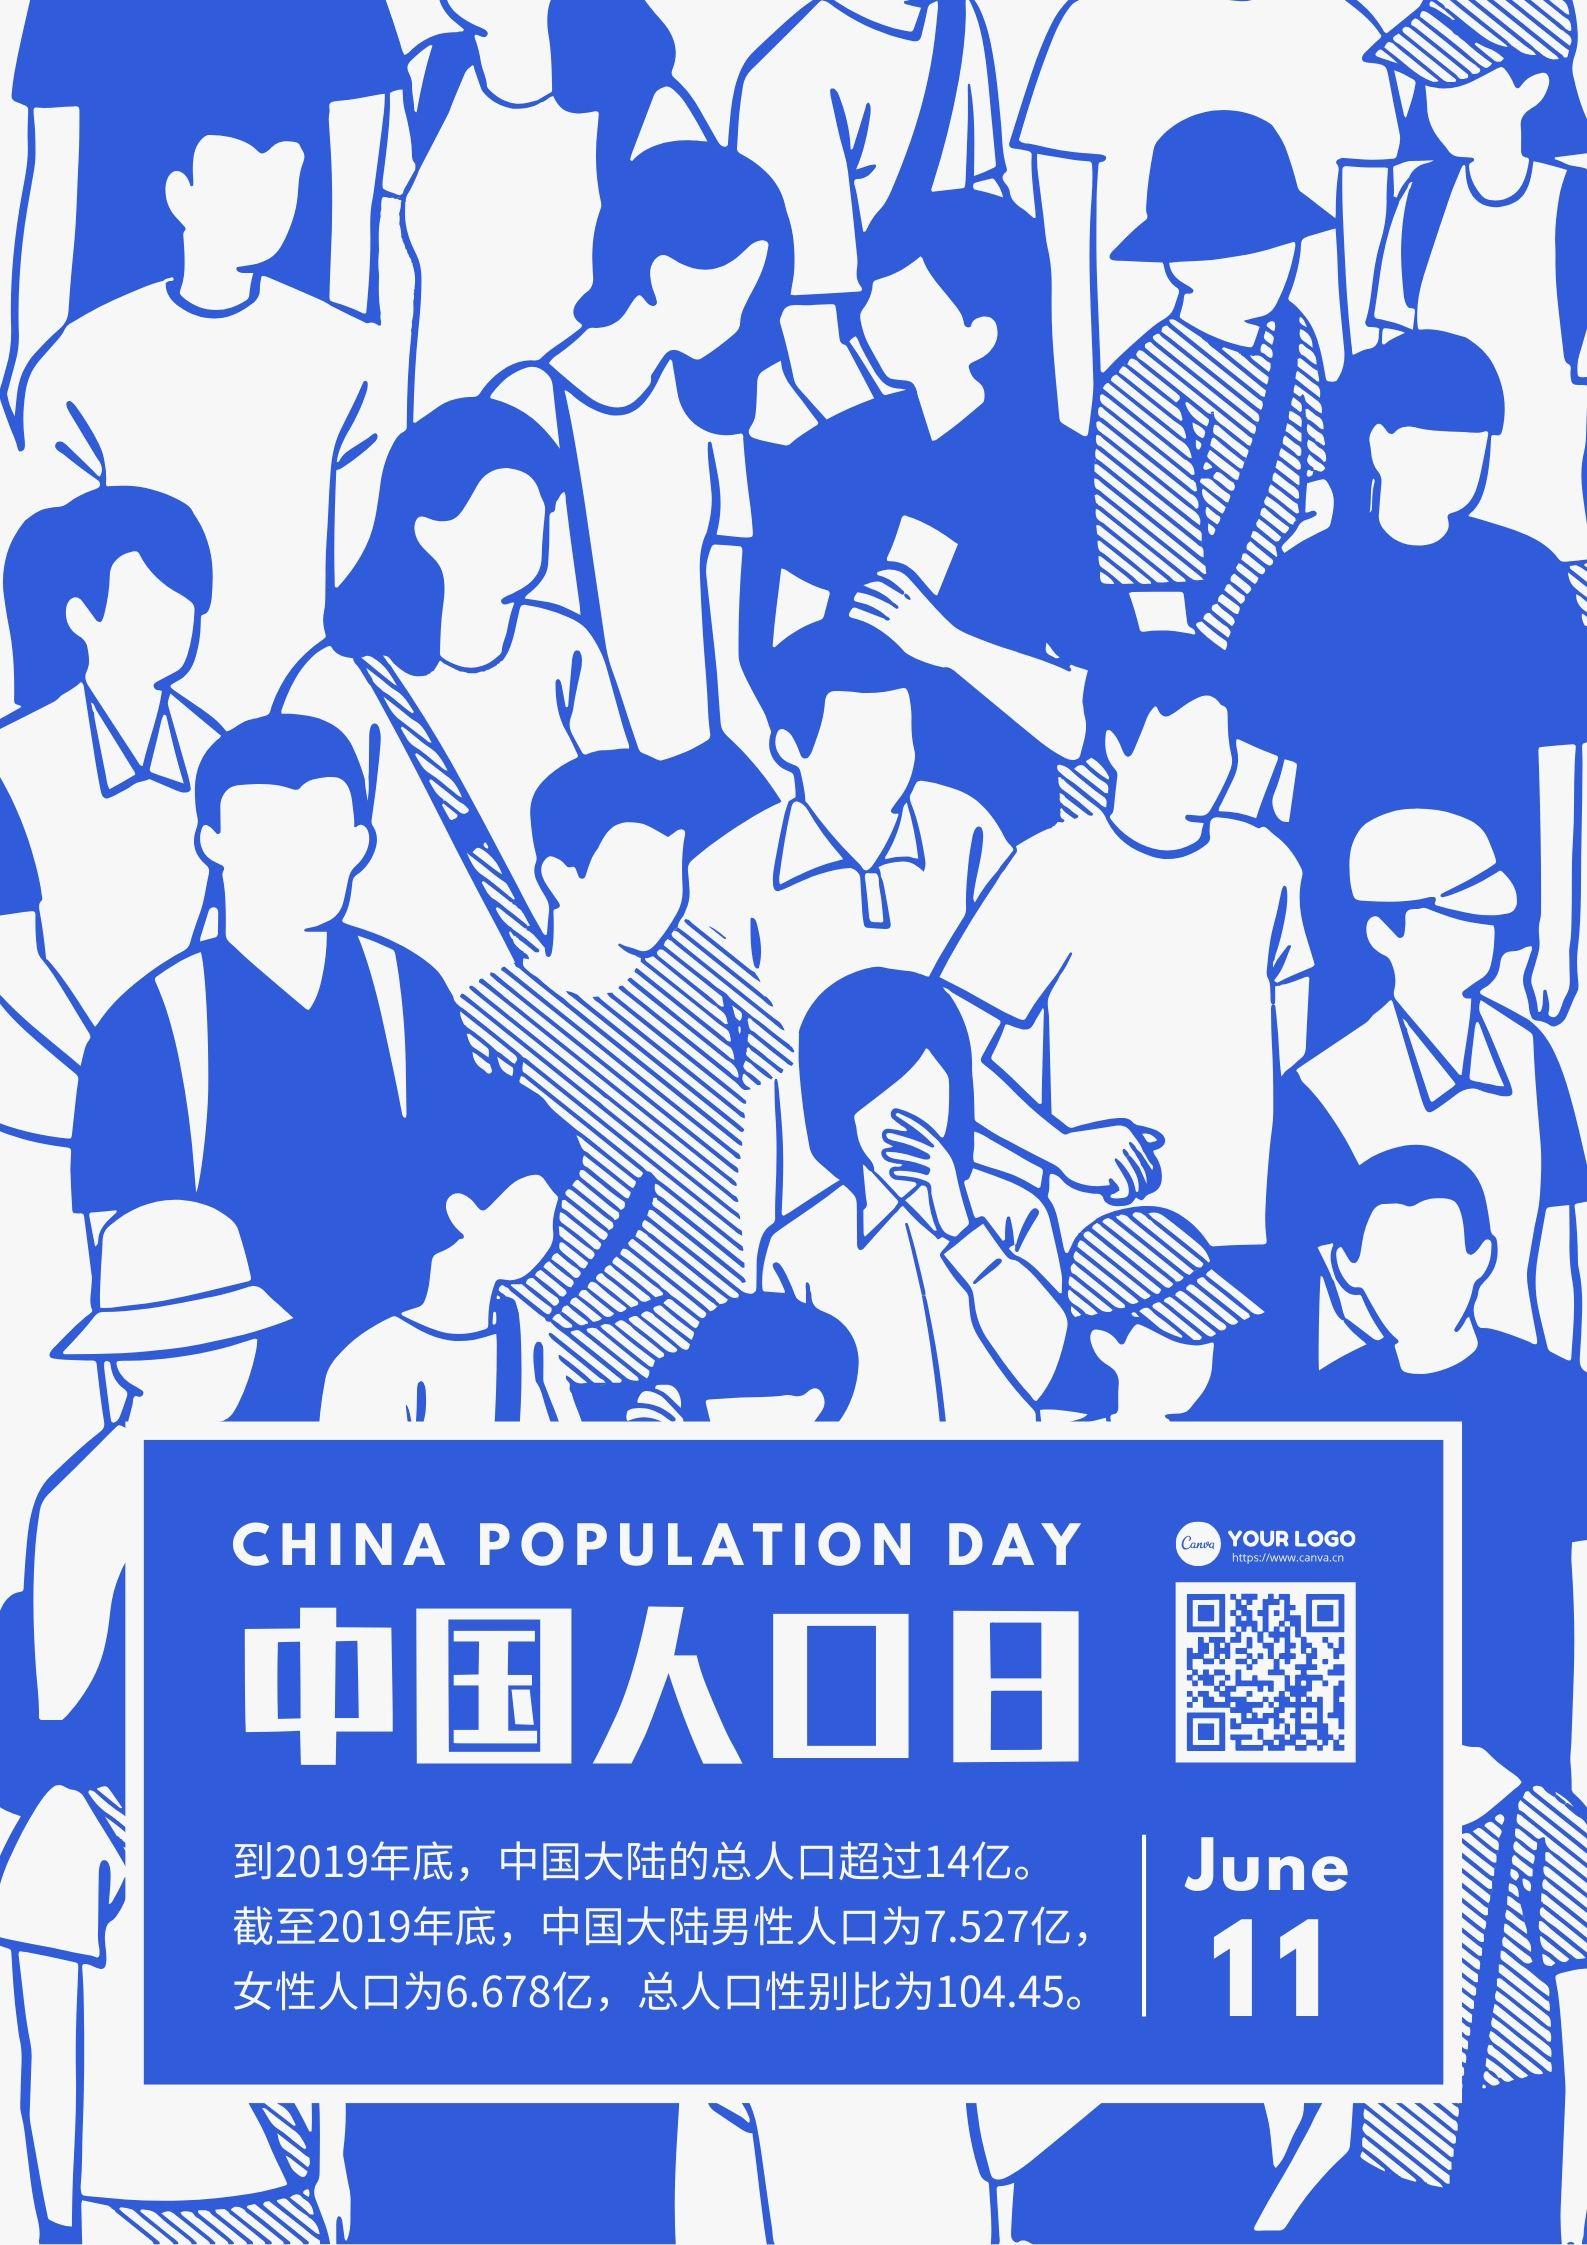 中国人口日海报